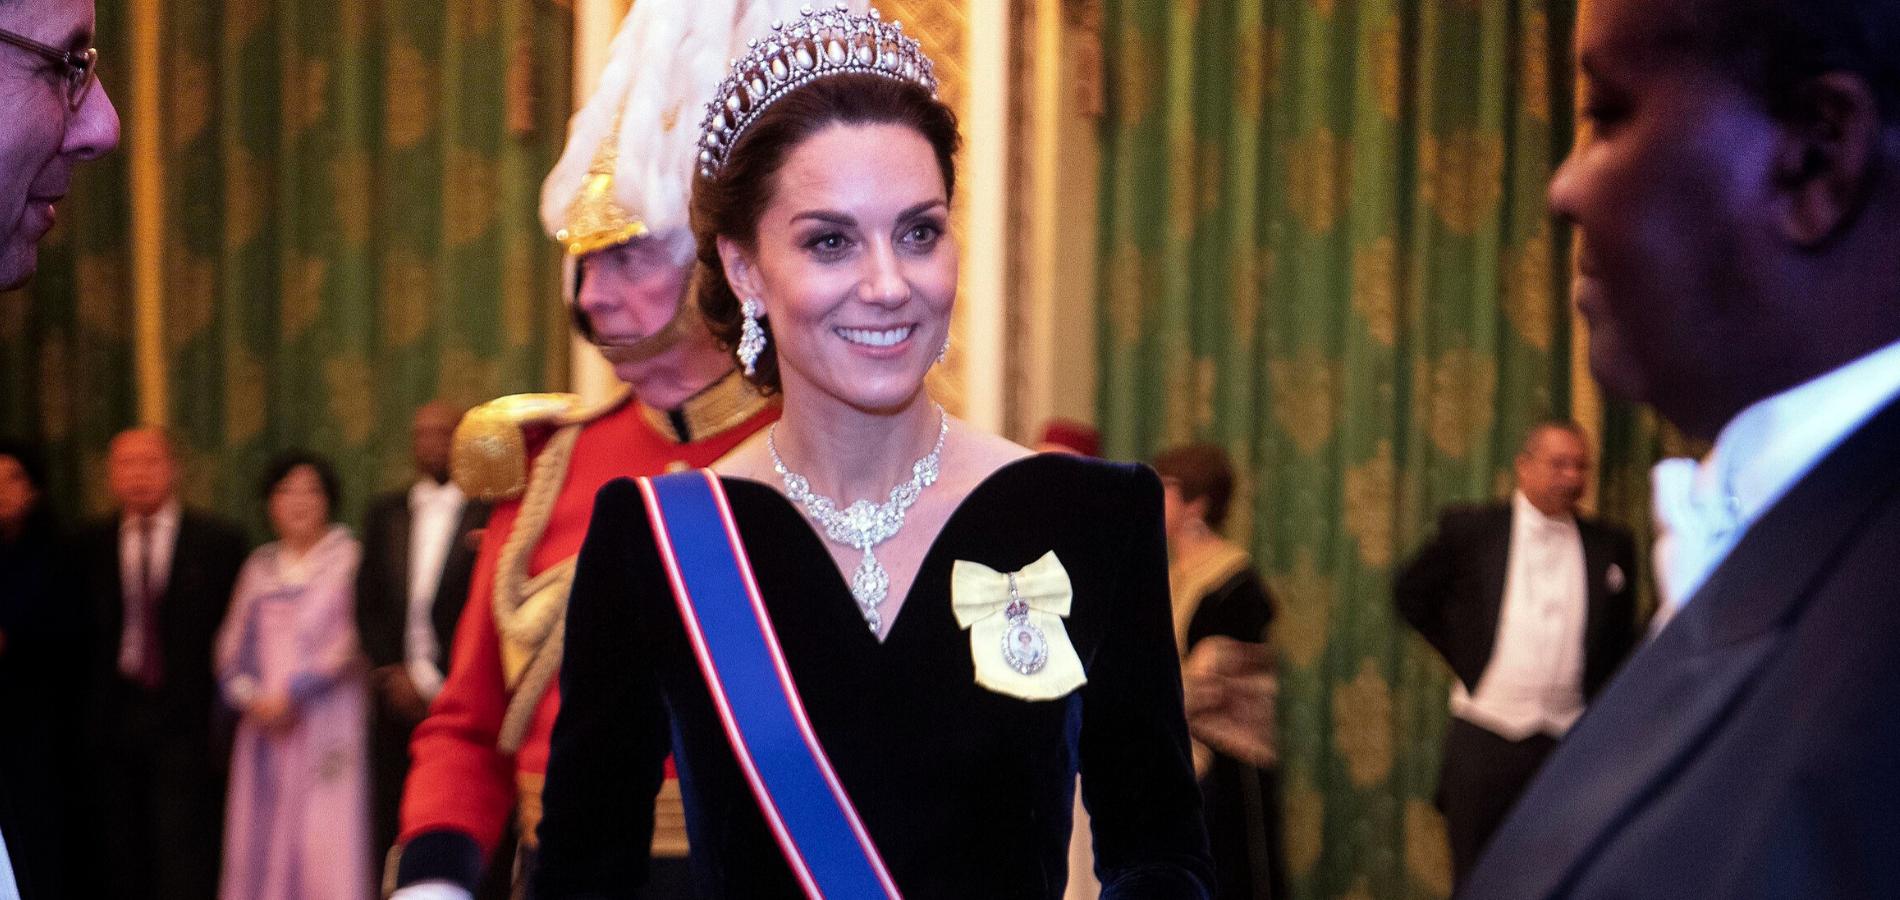 Avec la tiare de Diana, l'apparition irréelle de Kate Middleton à Buckingham Palace